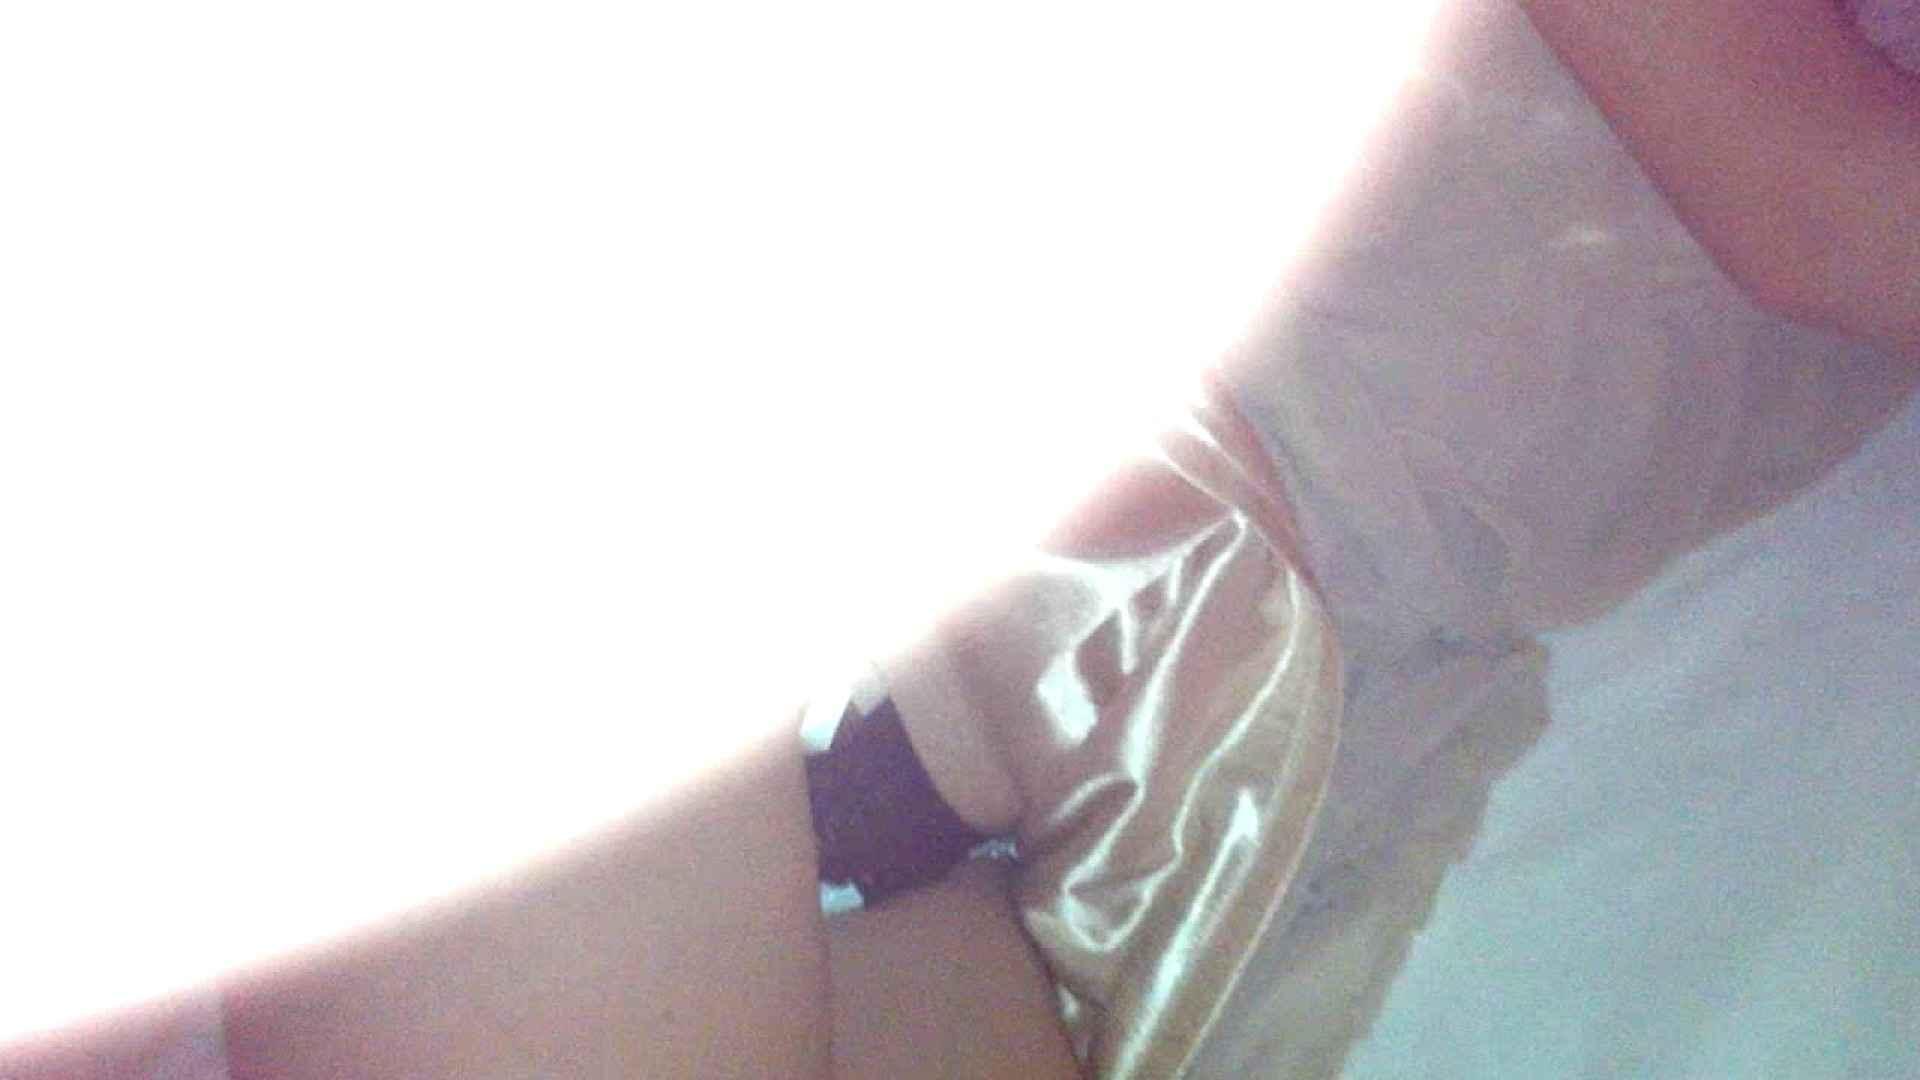 魔術師の お・も・て・な・し vol.11 19歳女子大生にホテルでイタズラ 前編 ホテル  66PIX 21